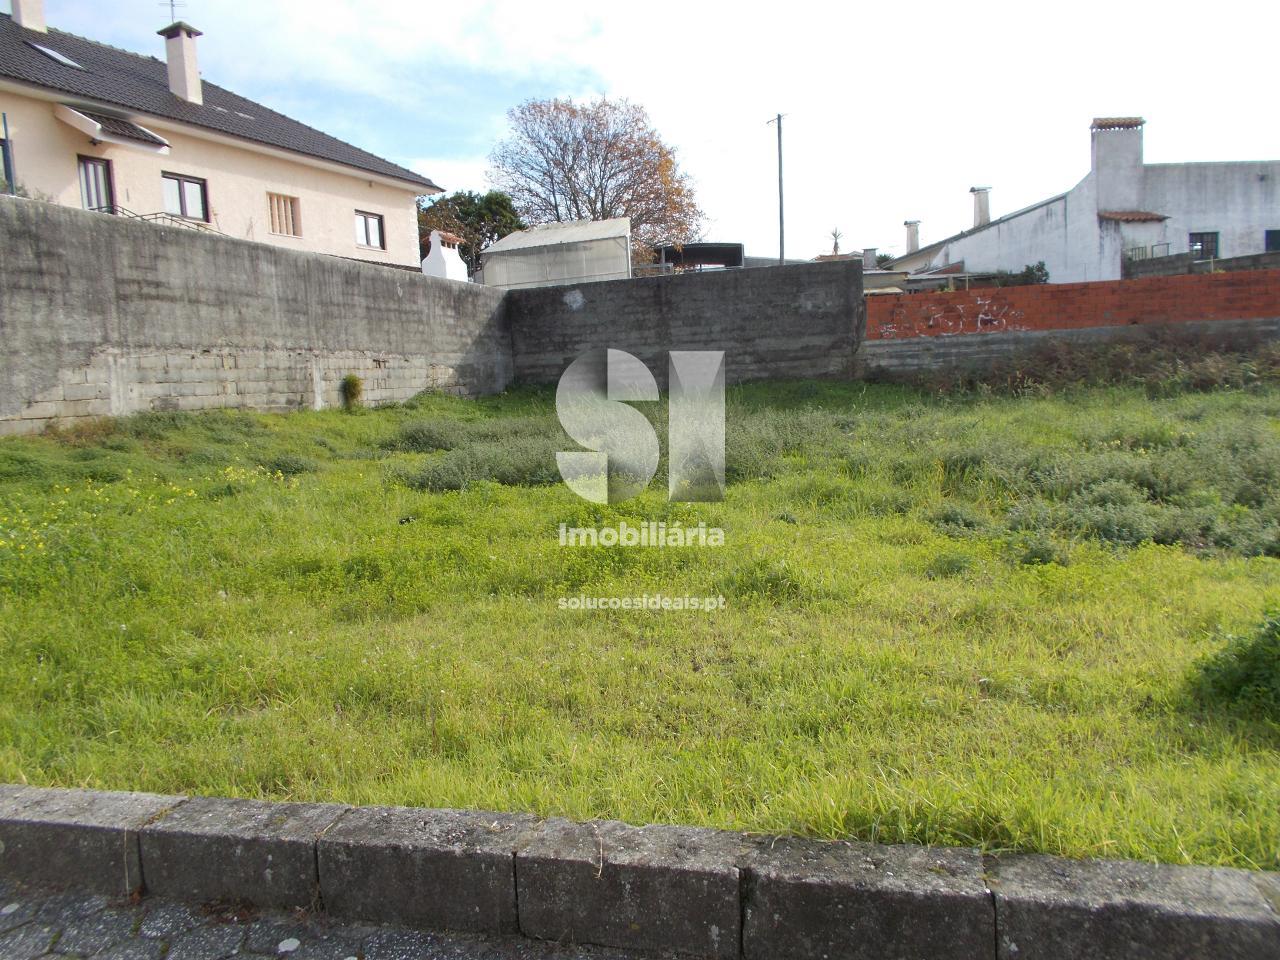 terreno para compra em aveiro santa joana aveiro AVGCL1829